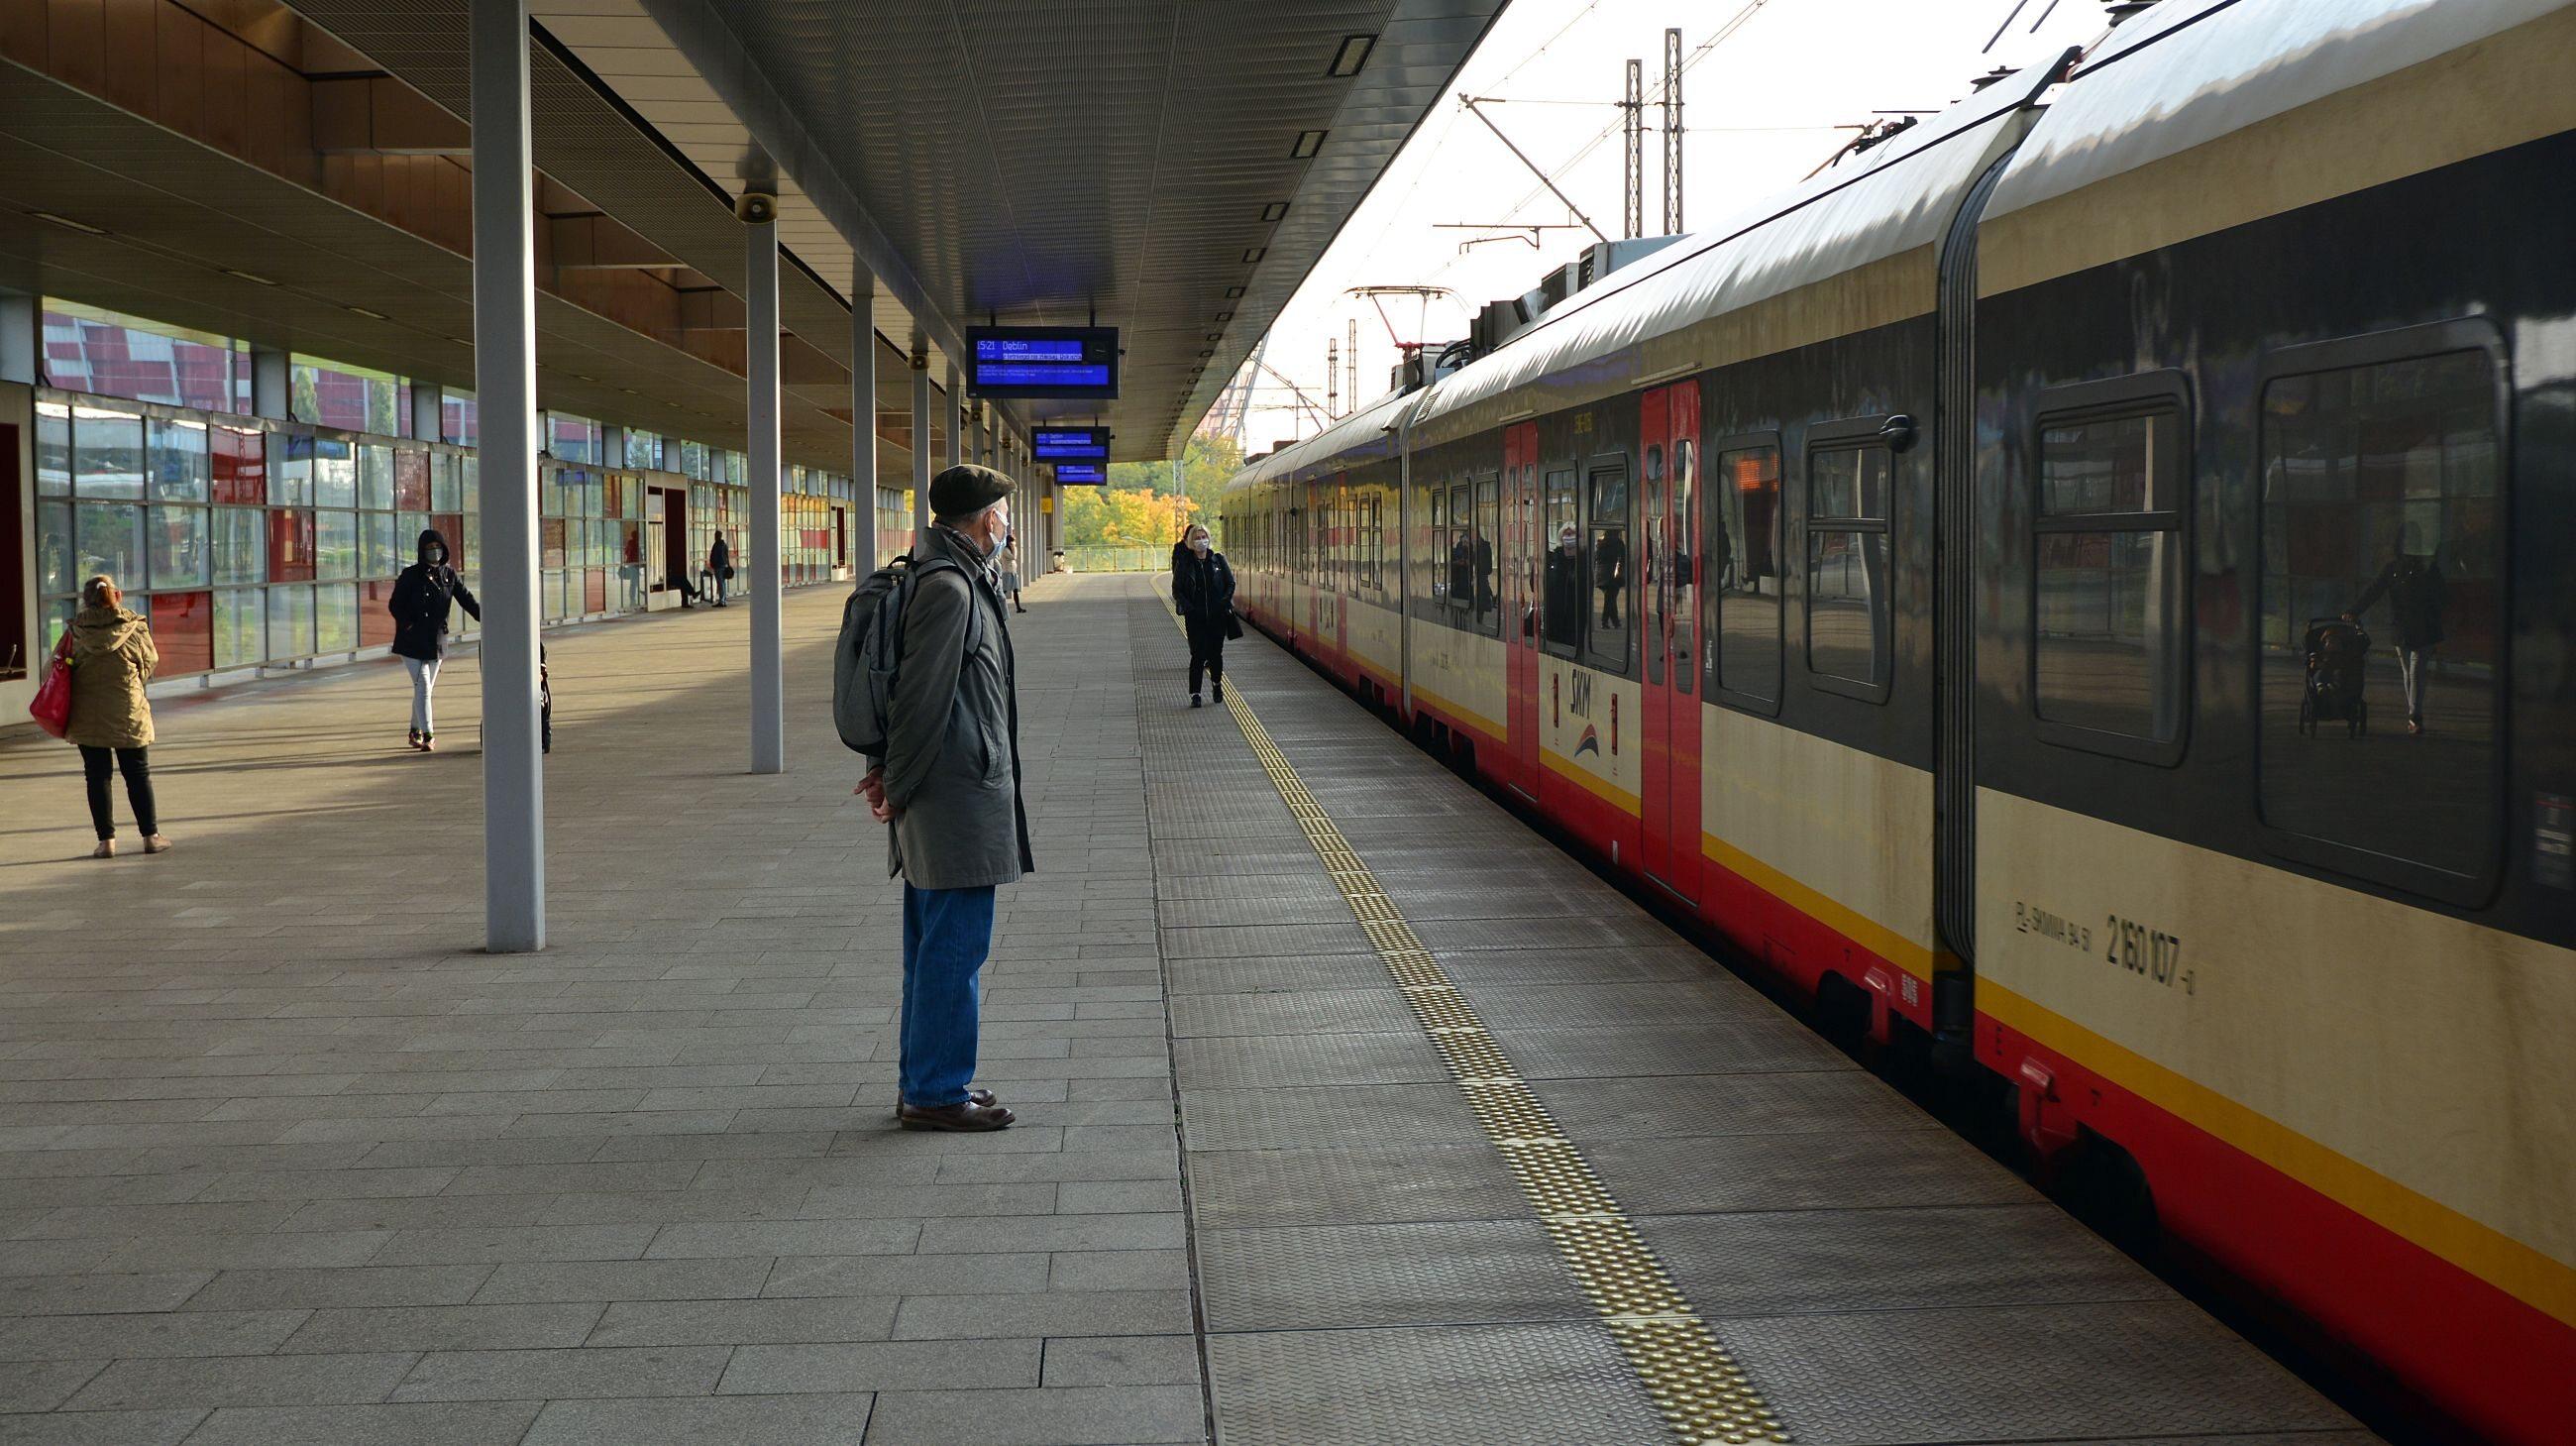 Warszawa. Stacja kolejowa w trakcie pandemii koronawirusa